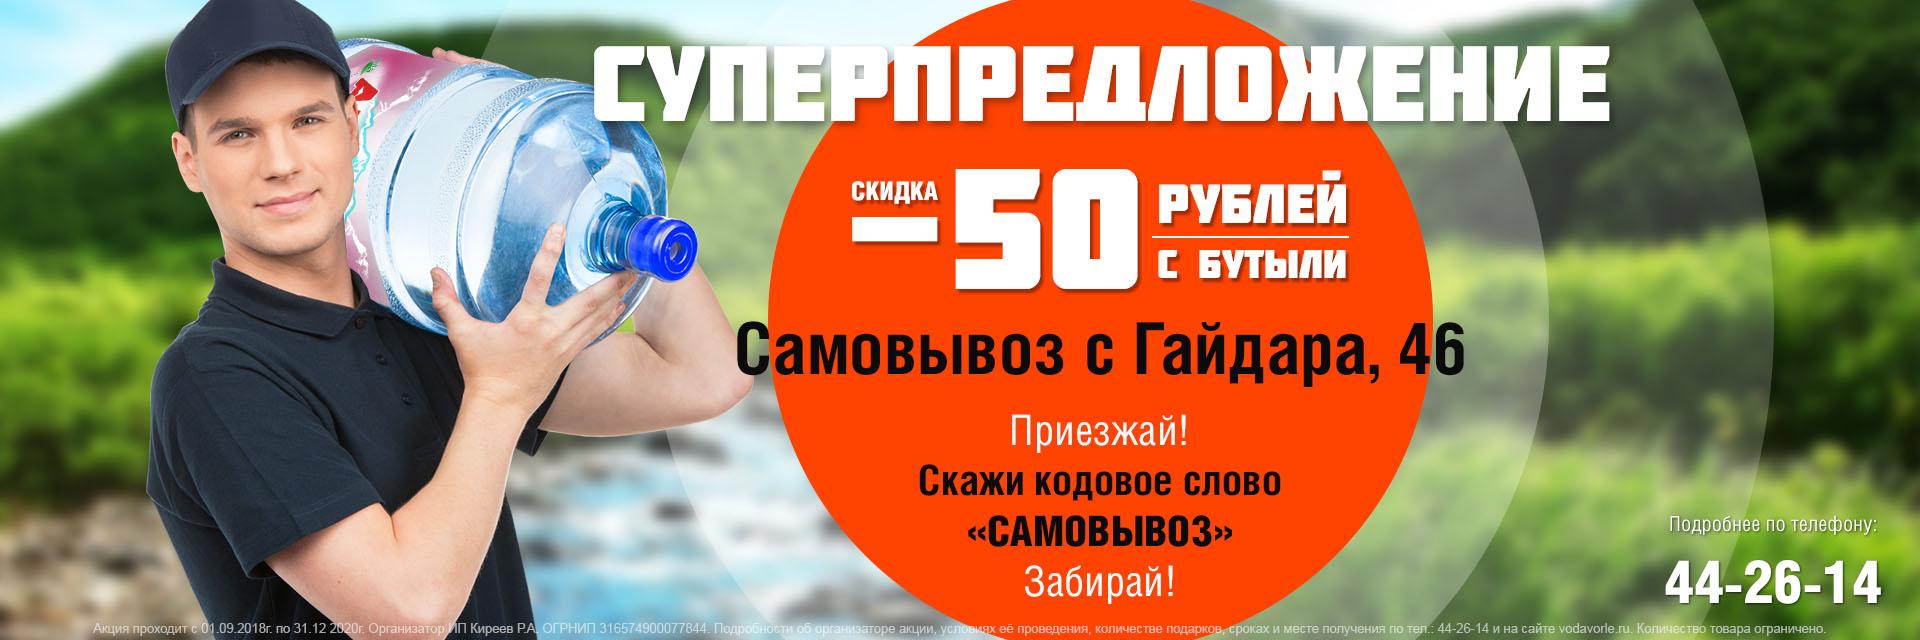 Скидка 50 рублей с бутыли